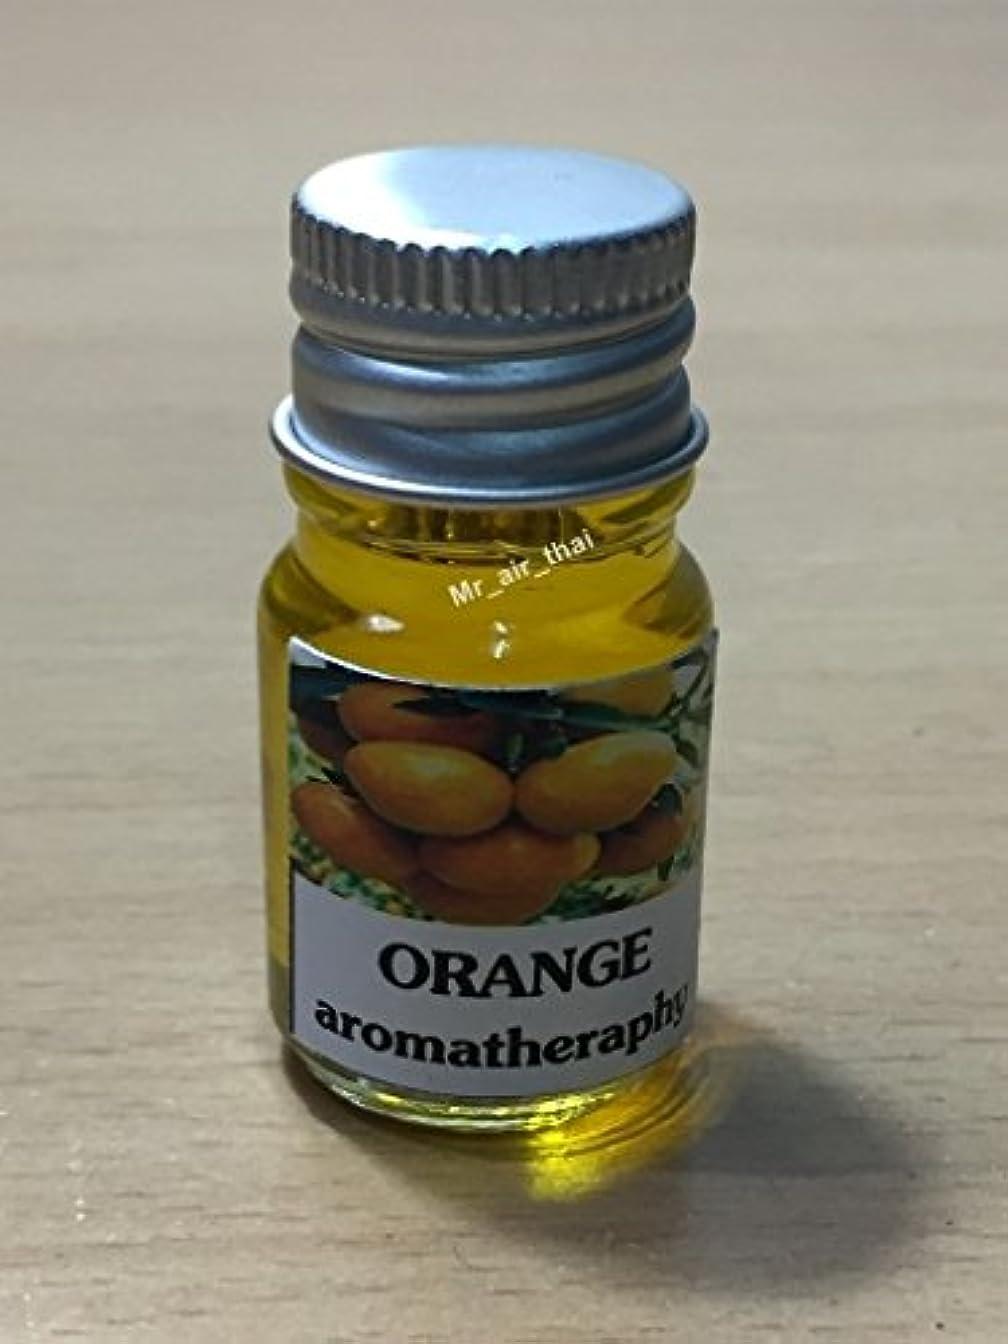 貸し手あごひげ最大限5ミリリットルアロマオレンジフランクインセンスエッセンシャルオイルボトルアロマテラピーオイル自然自然5ml Aroma Orange Frankincense Essential Oil Bottles Aromatherapy...